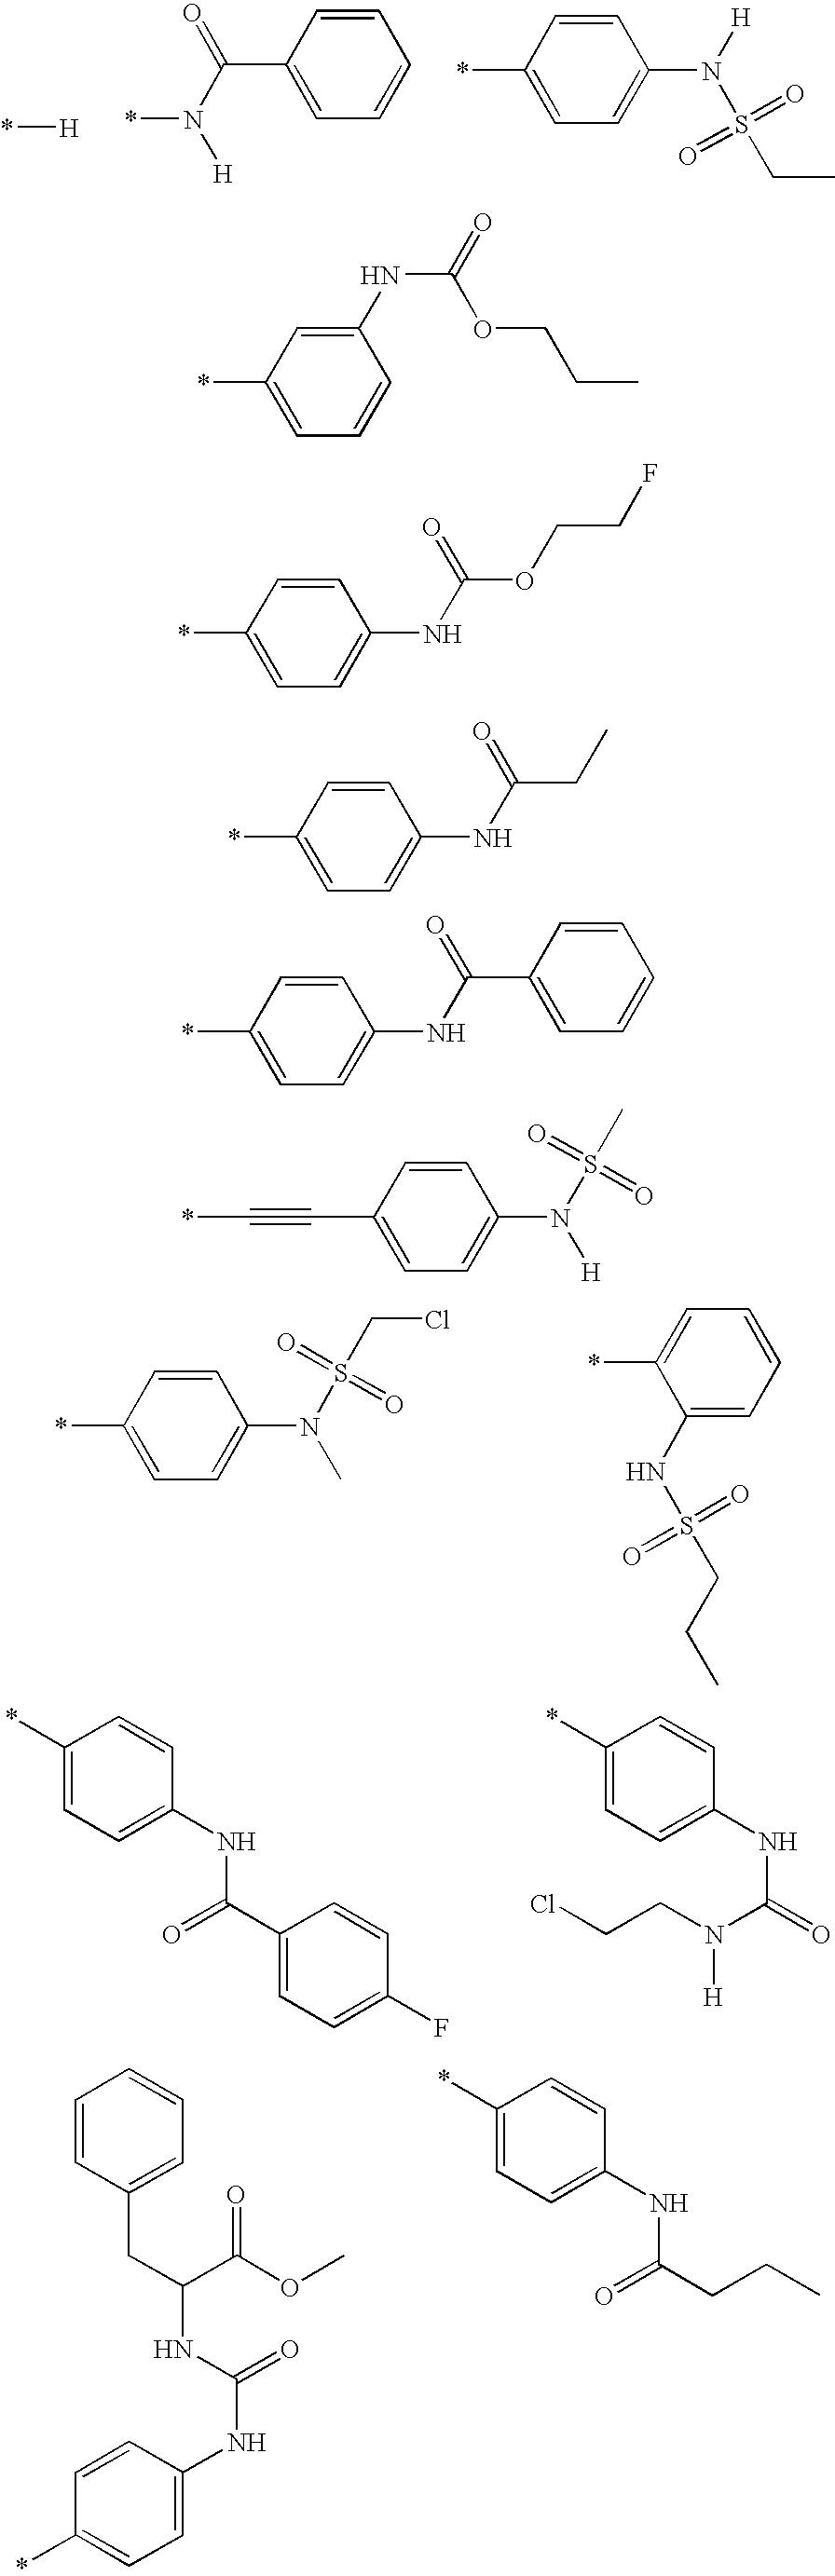 Figure US07781478-20100824-C00161